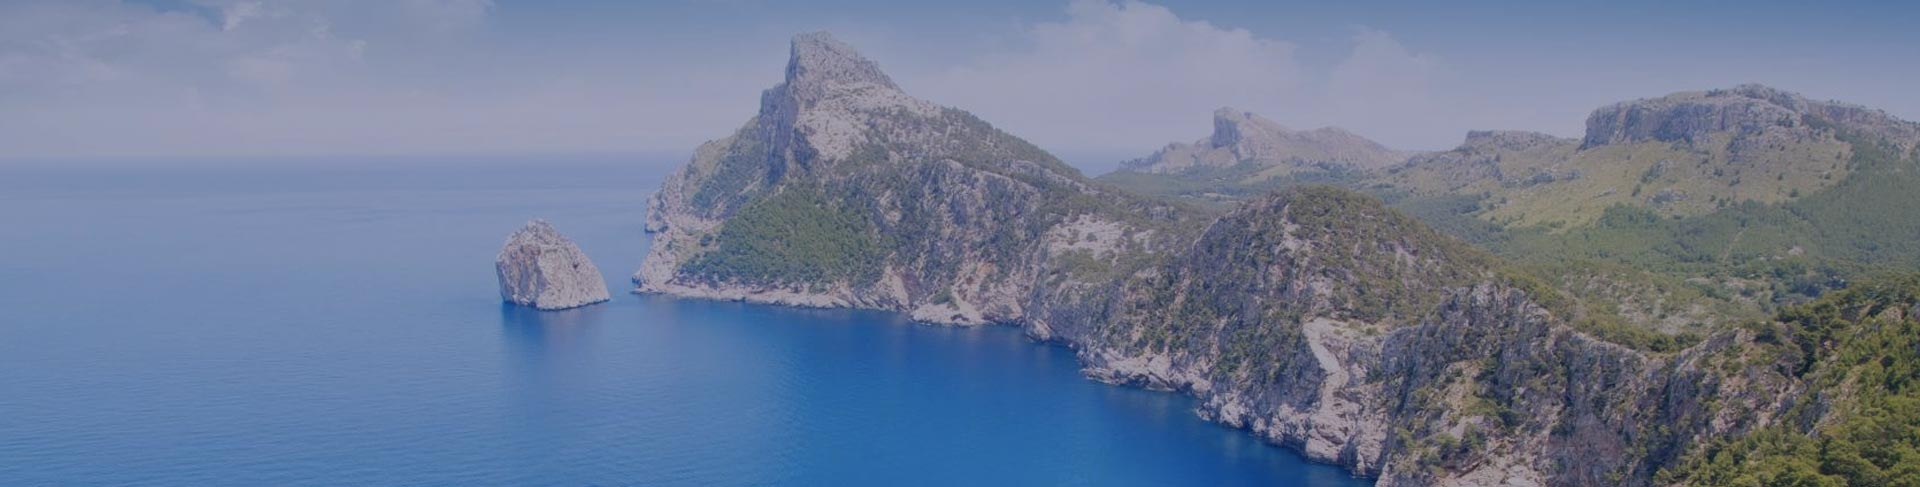 Vodič za letovanje na Majorci i stenovita obala Majorke